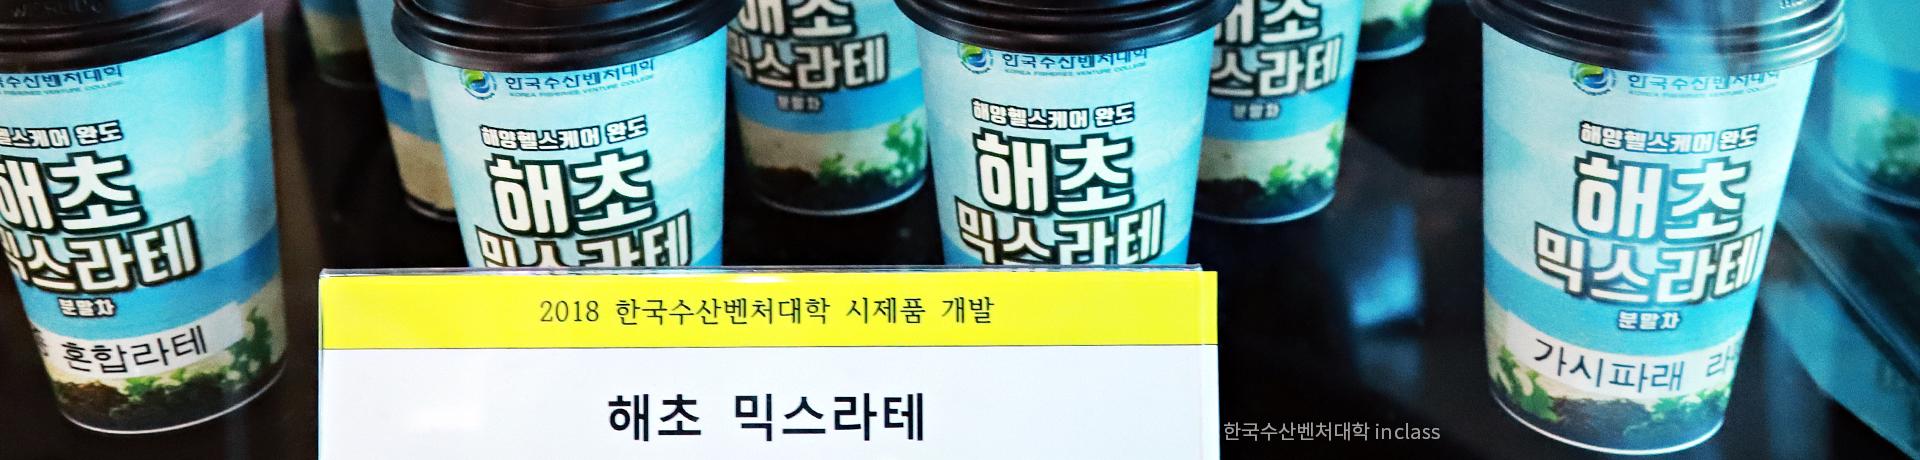 한국 수산 벤처대학3